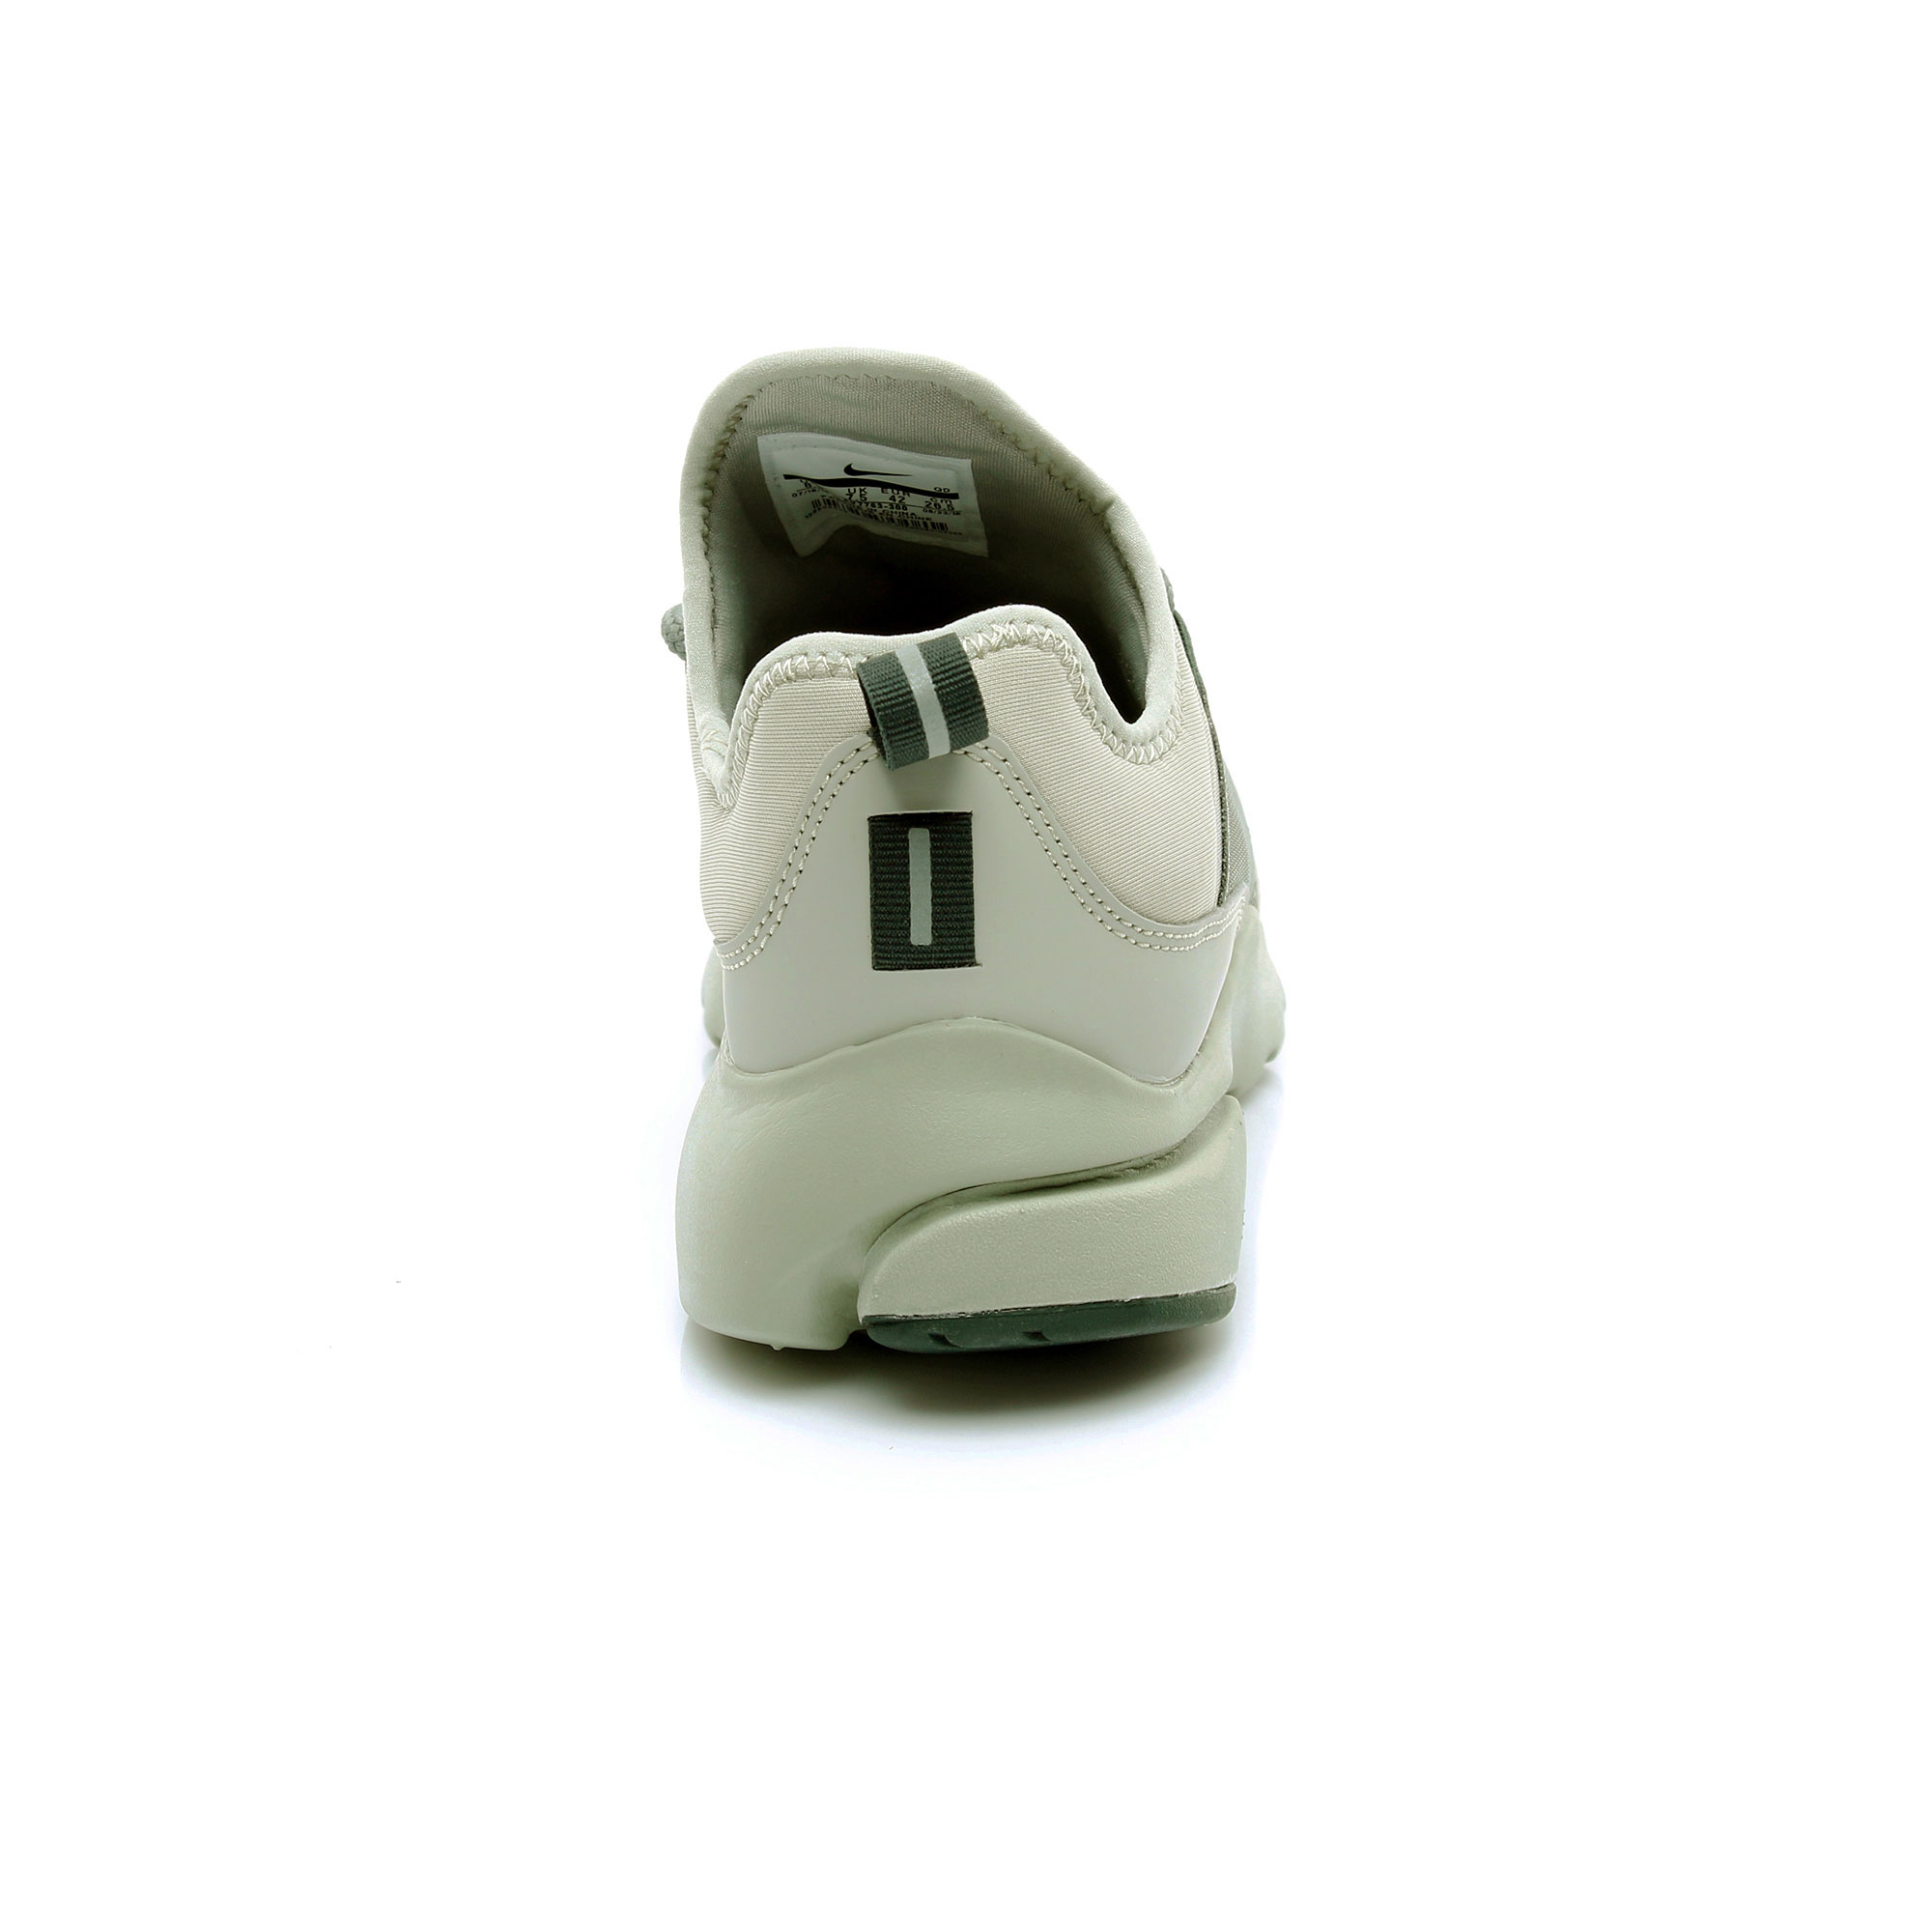 Nike Presto Fly Wrld Erkek Yeşil Spor Ayakkabı